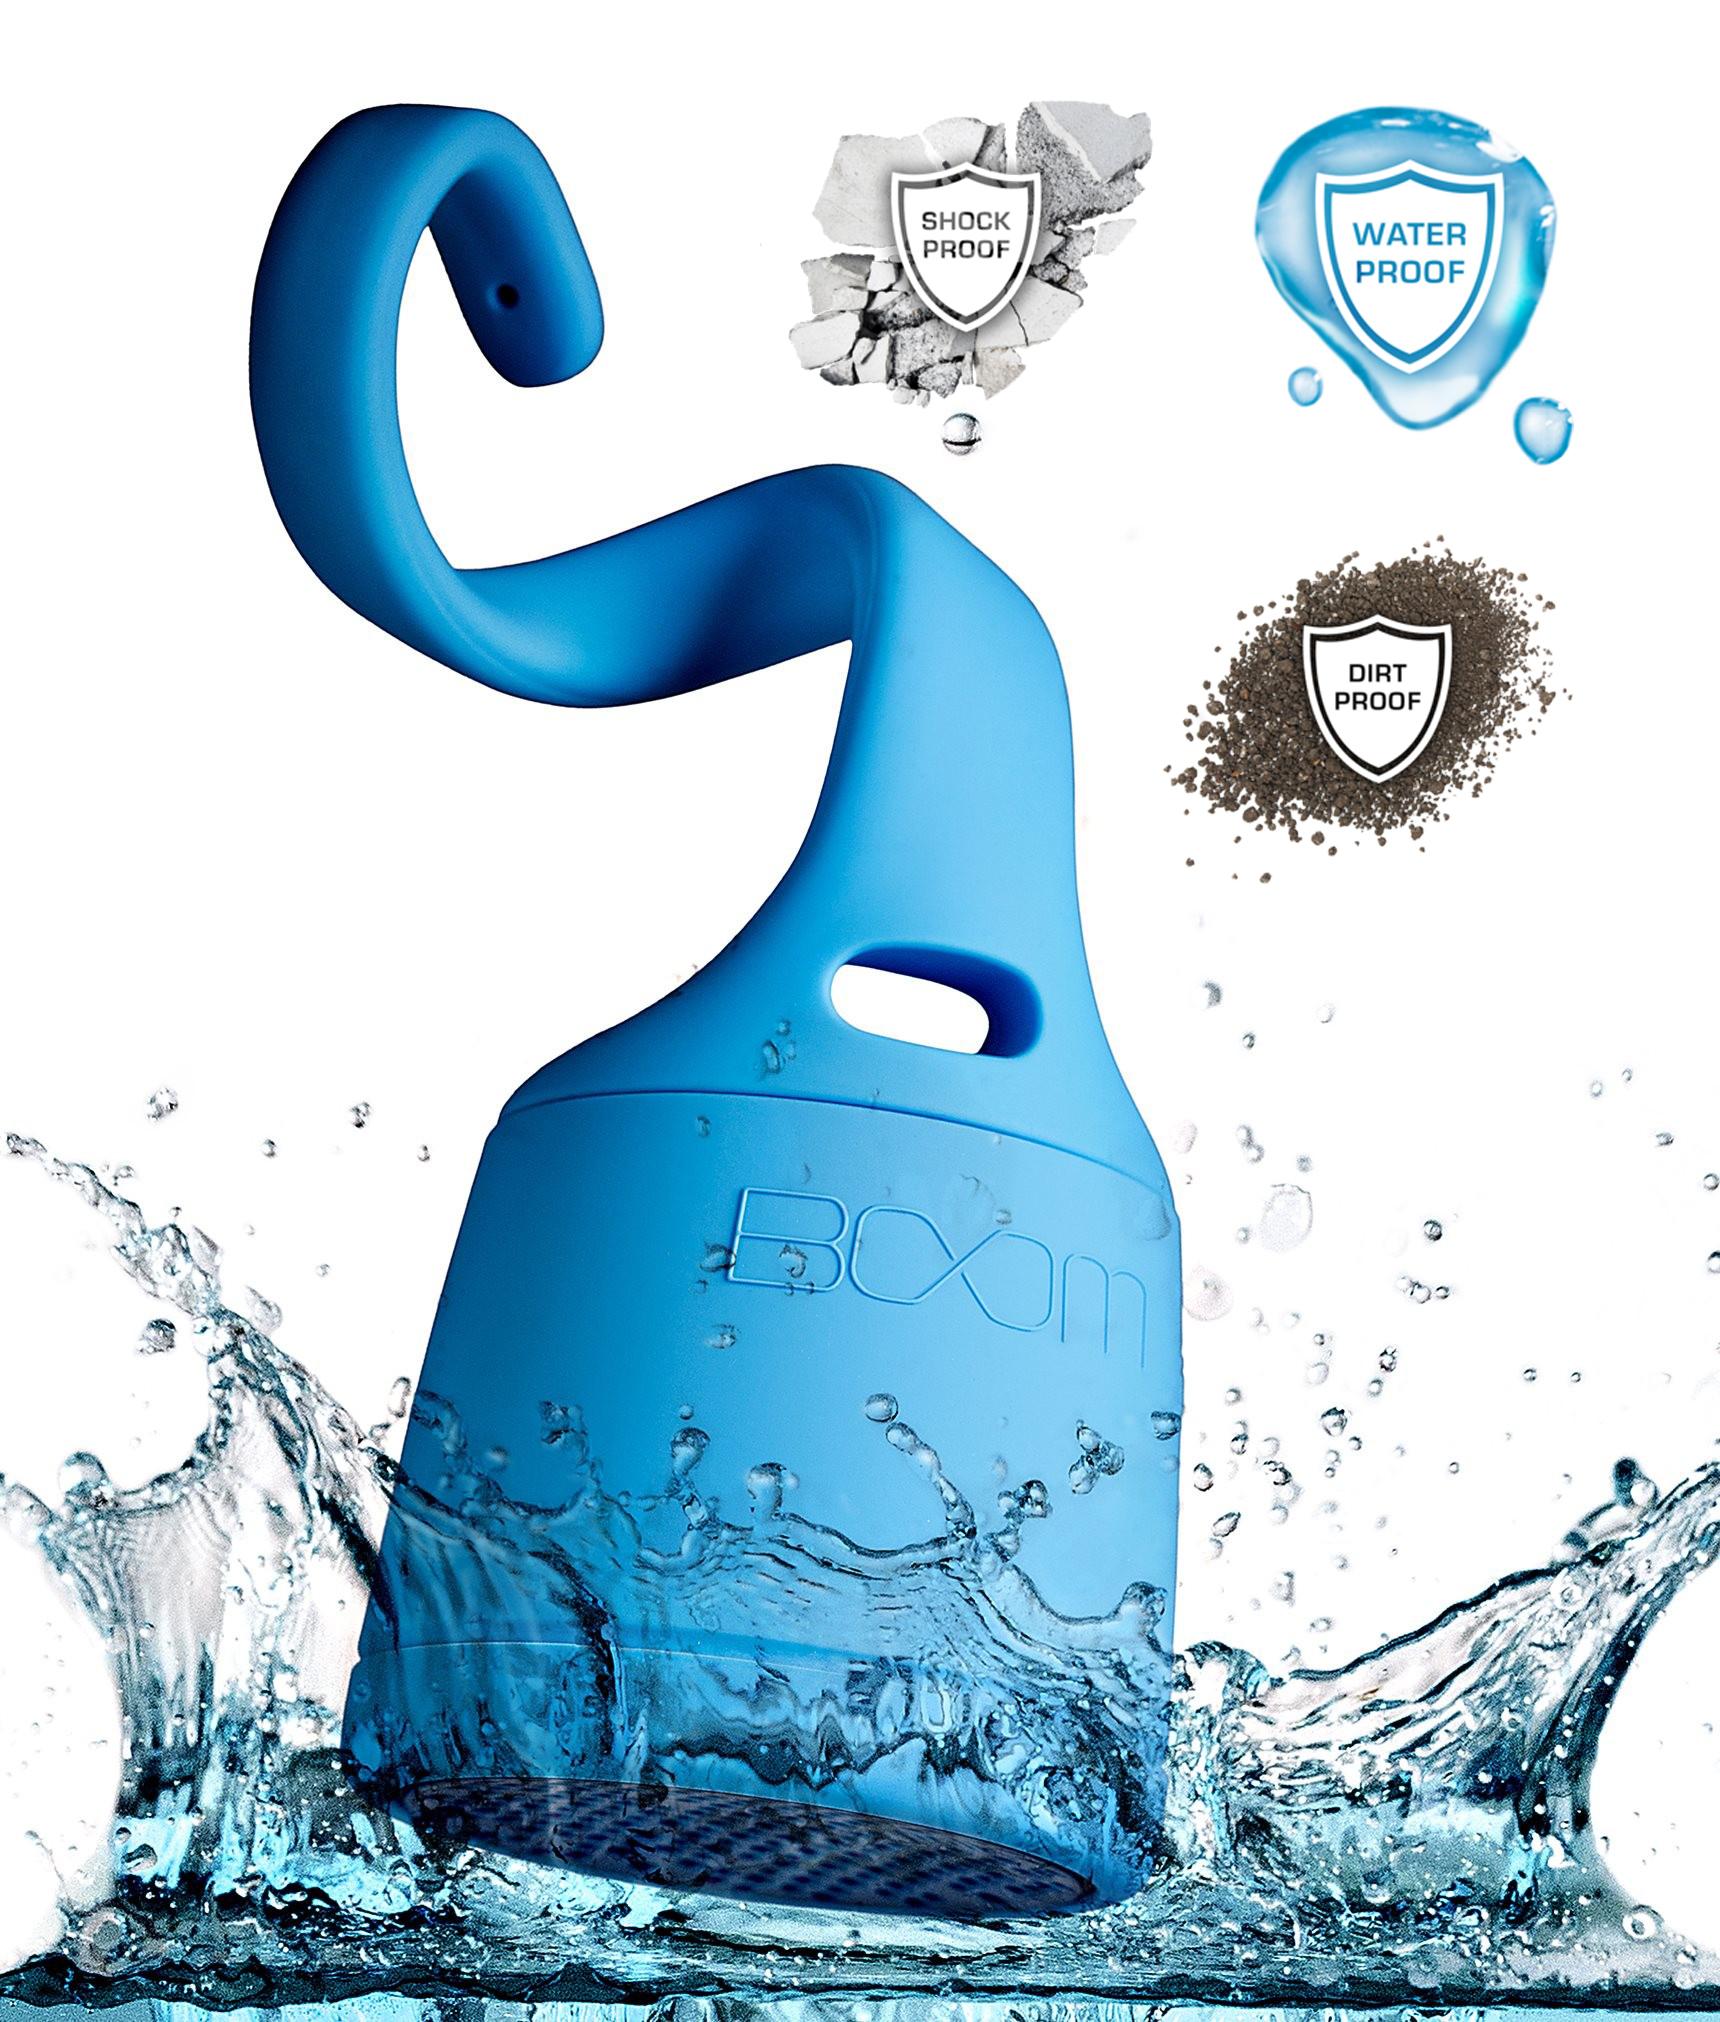 Polk Audio BOOM Swimmer Głośnik Bluetooth bezprzewodowy wodoodporny (4 kolory) Kolor: Niebieski Polska Gwarancja